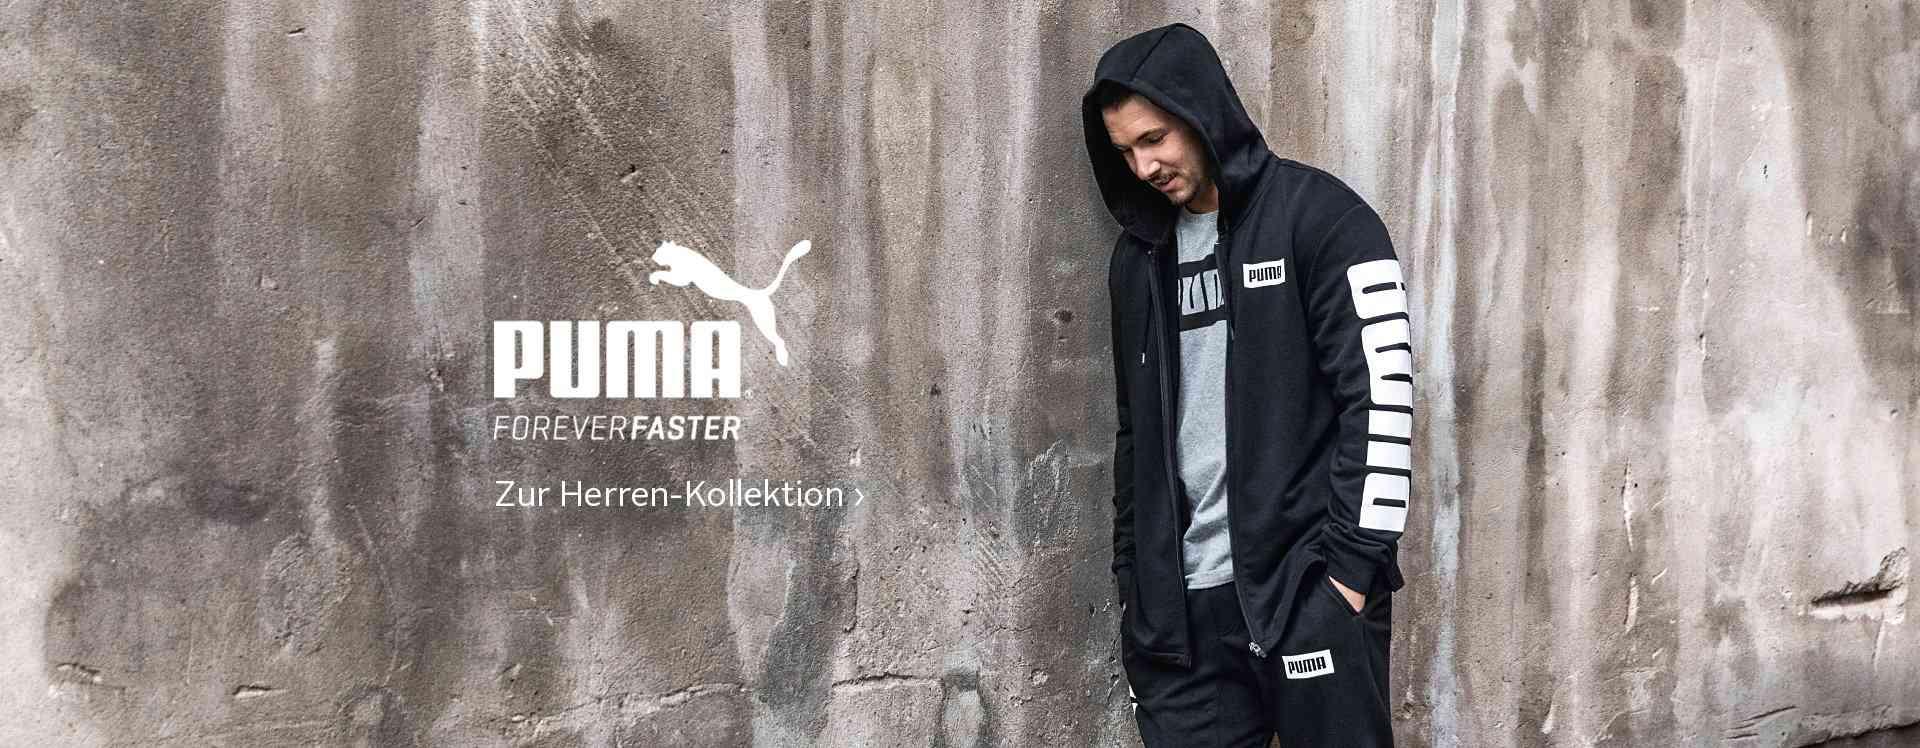 Eine große Auswahl an Sport- und Lifestyle Bekleidung und Schuhe von PUMA für Herren finden Sie in unserem PUMA Shop